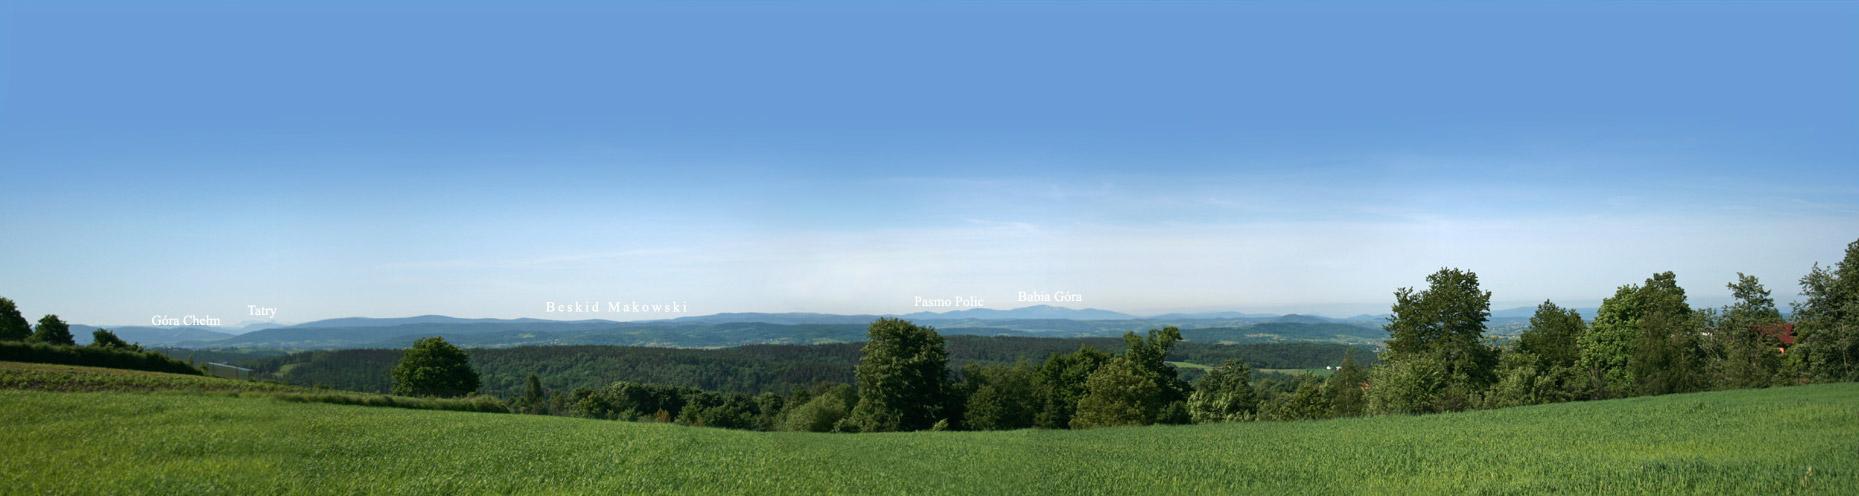 bukow-turystyka-panorama